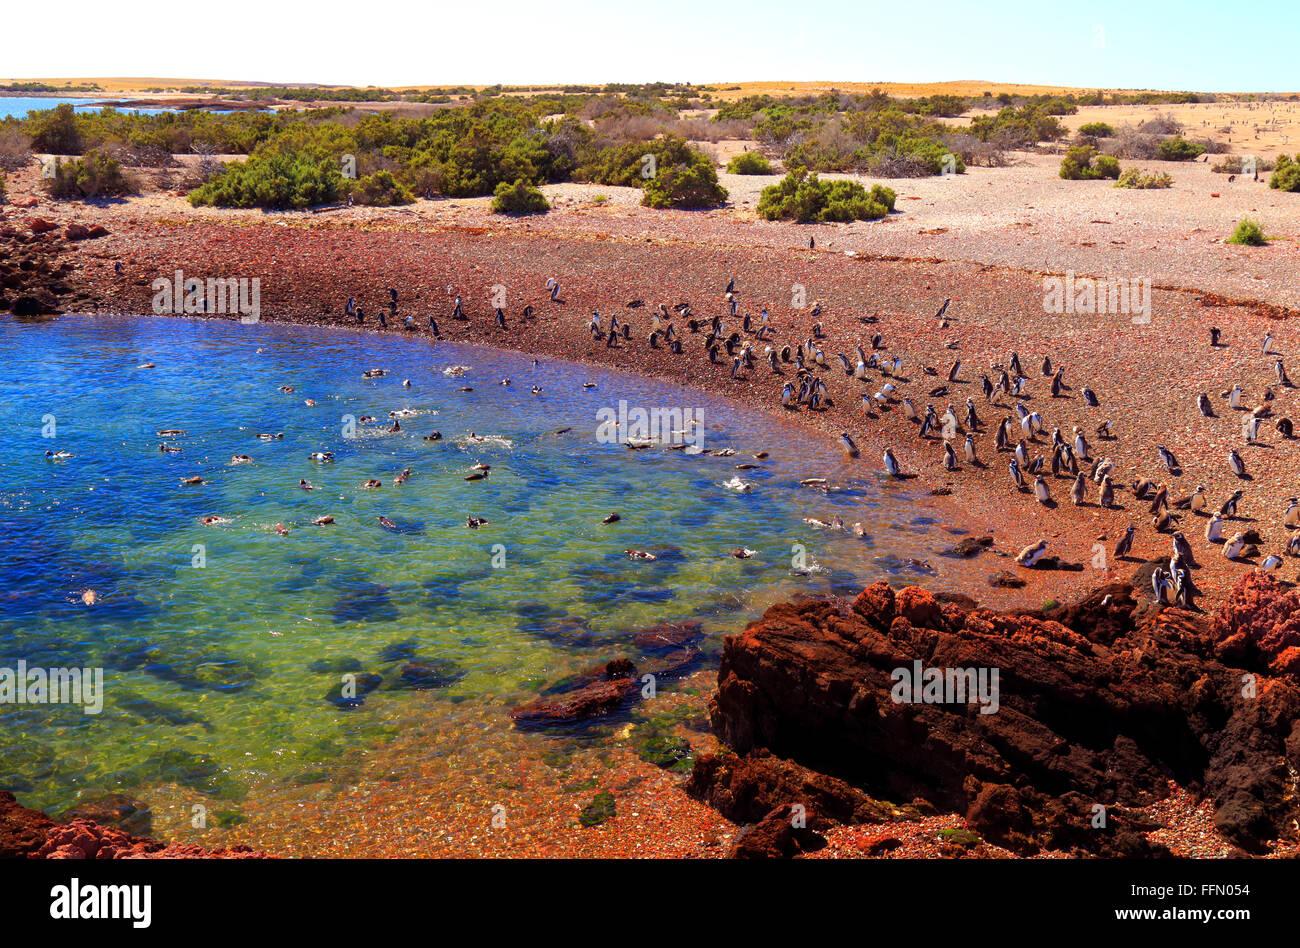 Punta Tombo penguins reservation. Chubut, Argentina - Stock Image